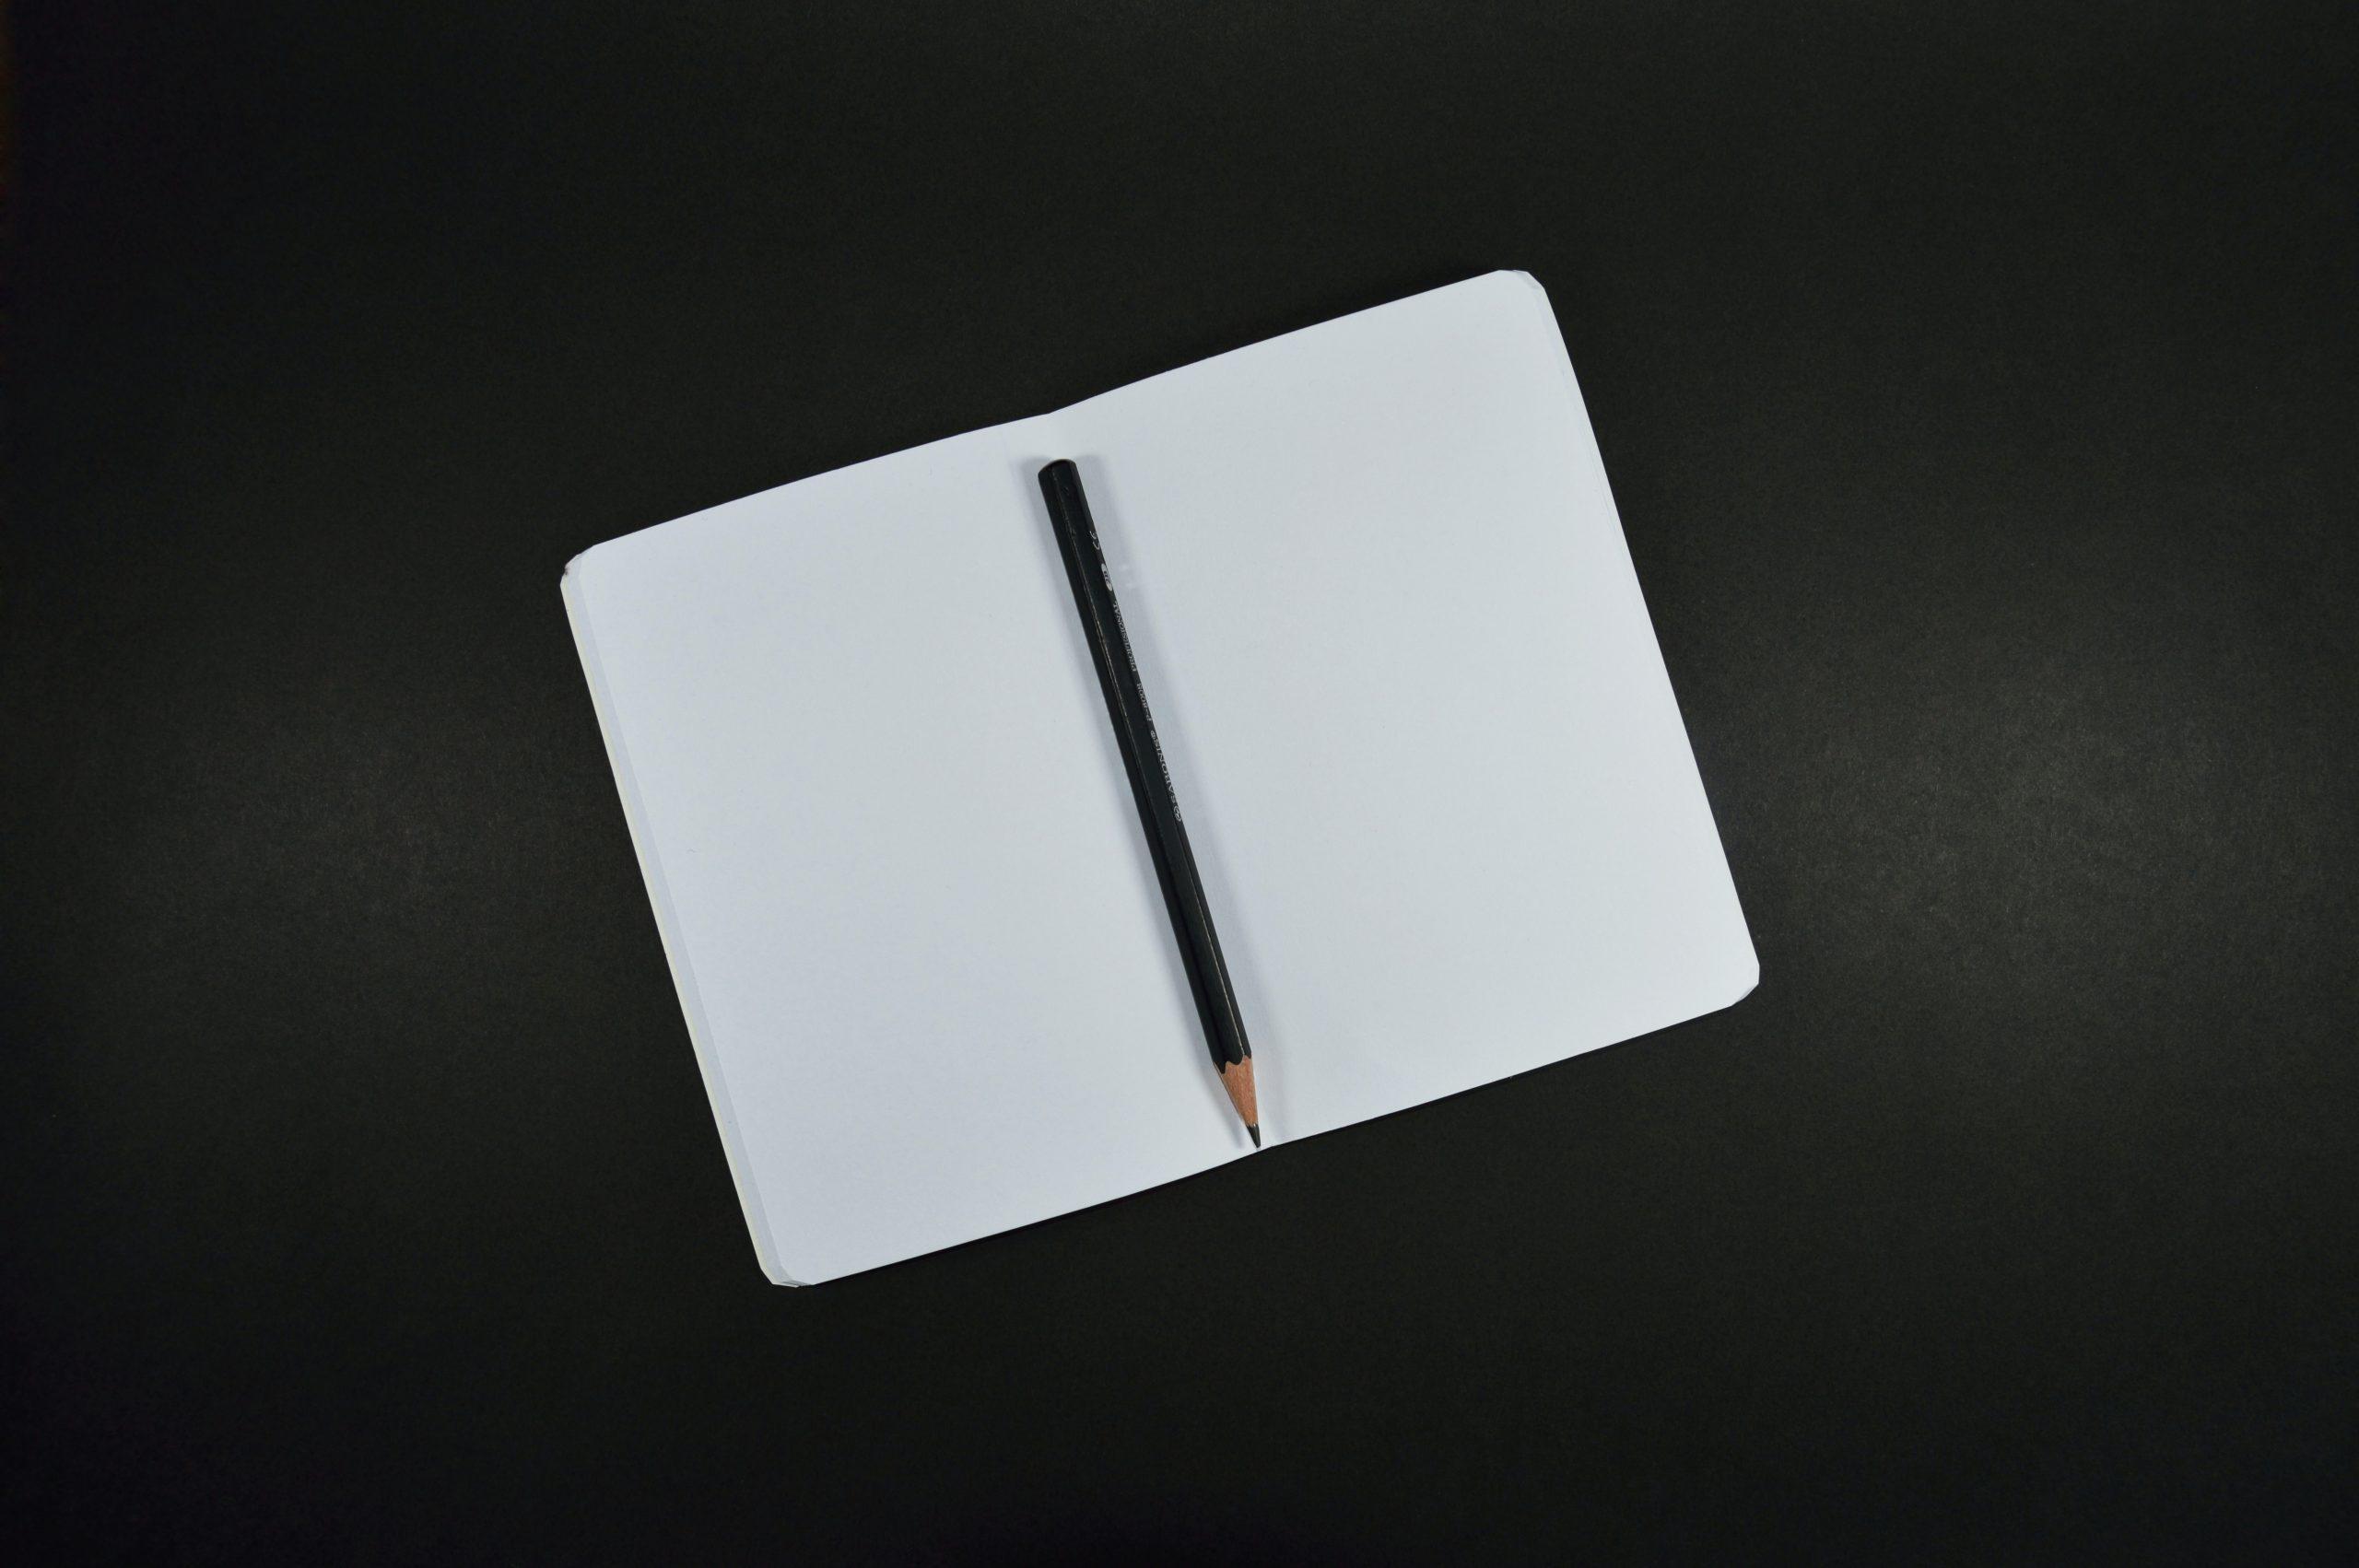 ¿Por qué es importante usar tus talentos?